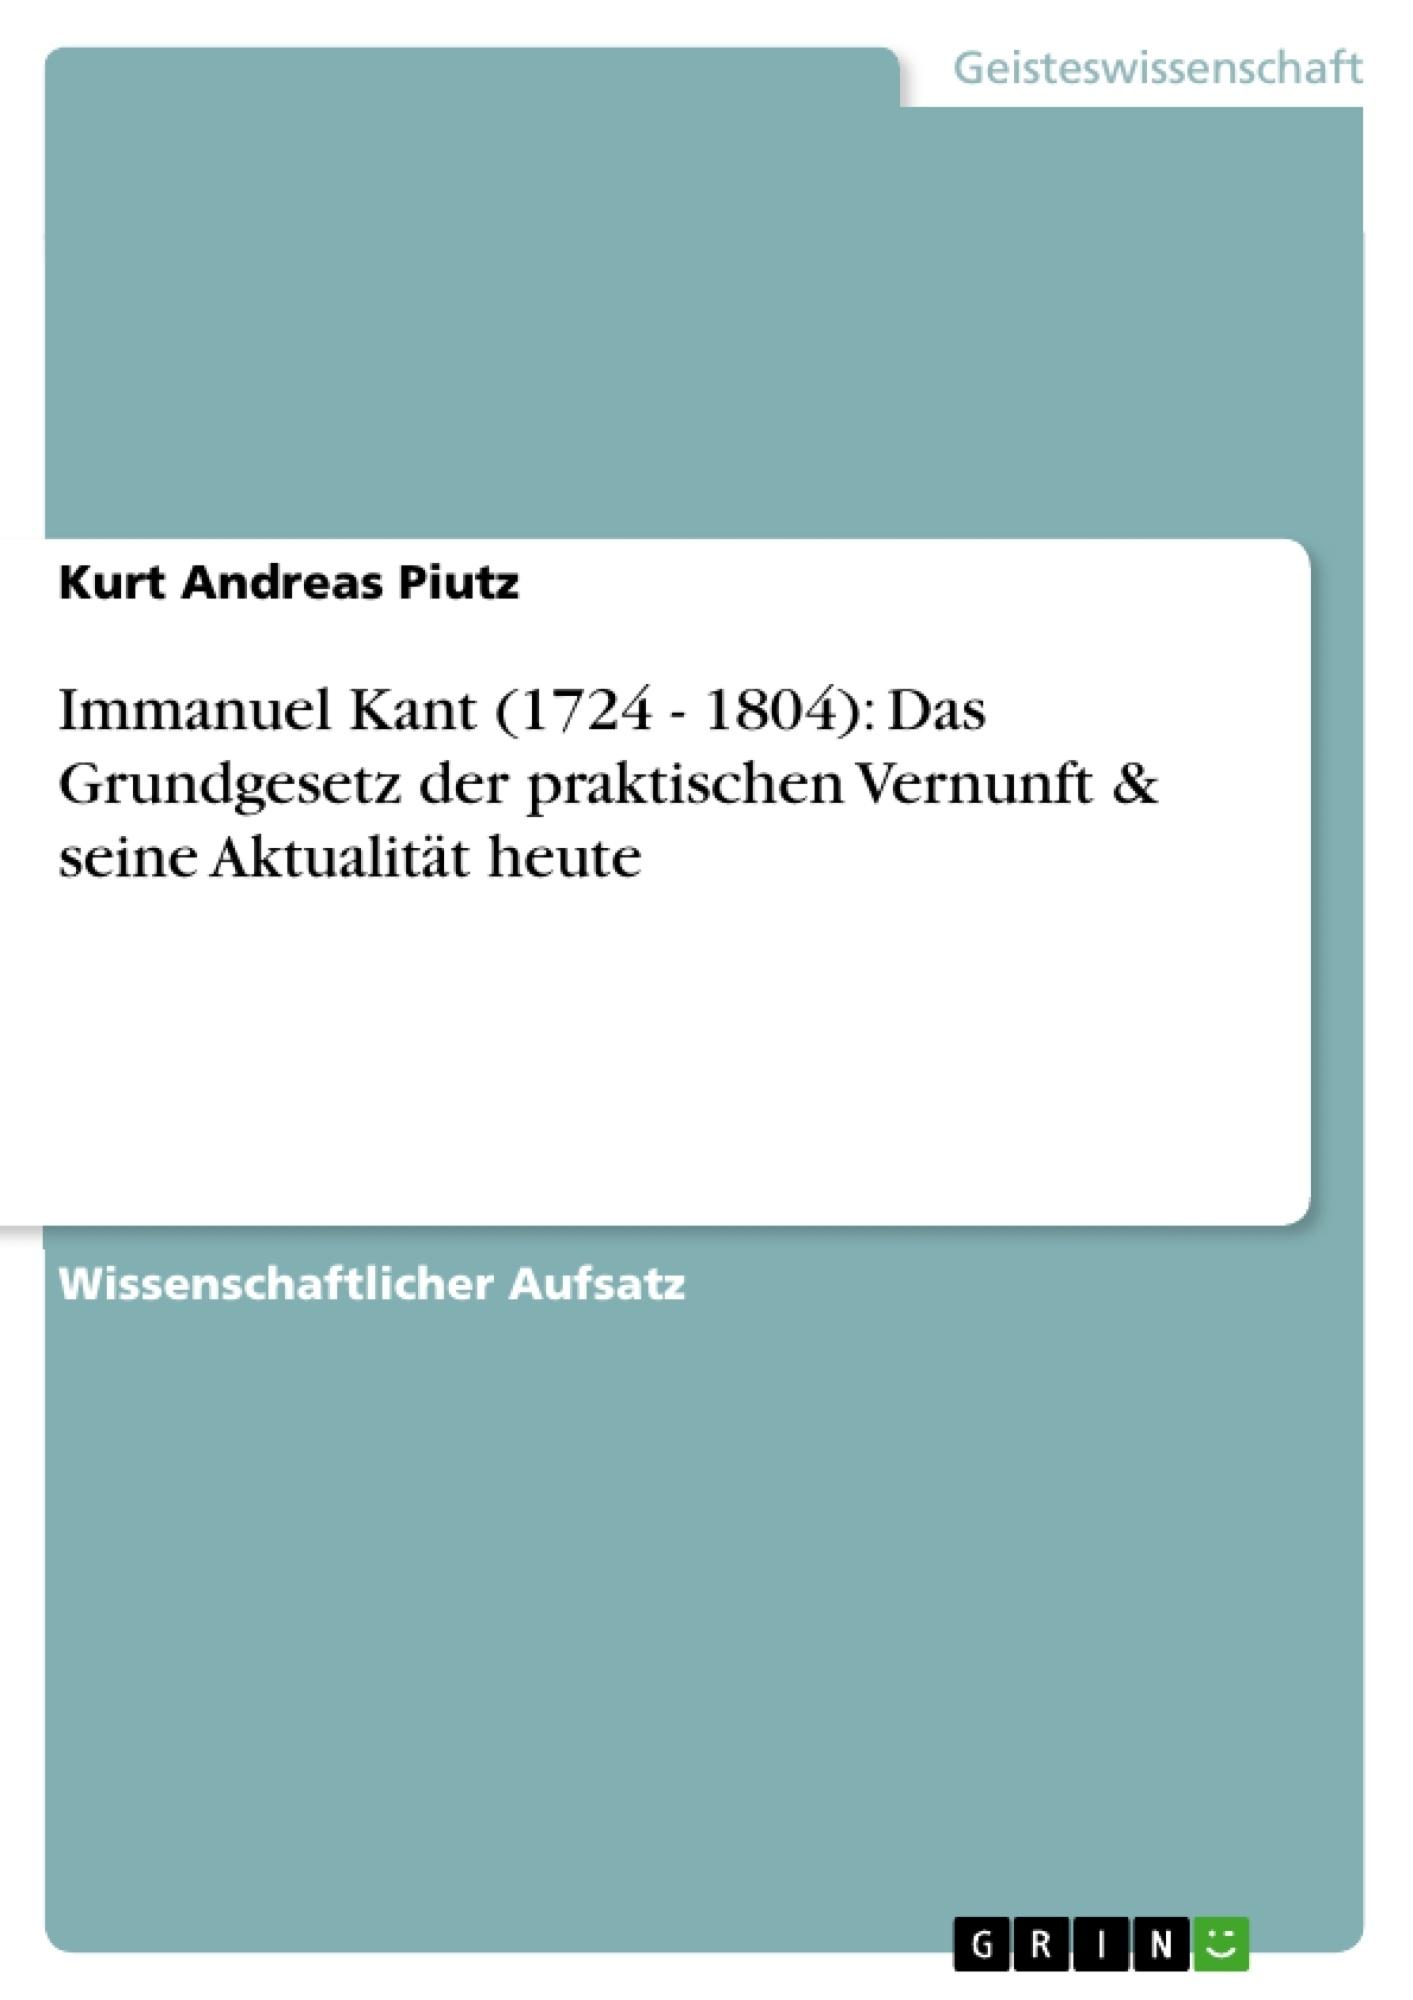 Titel: Immanuel Kant (1724 - 1804): Das Grundgesetz der praktischen Vernunft & seine Aktualität heute